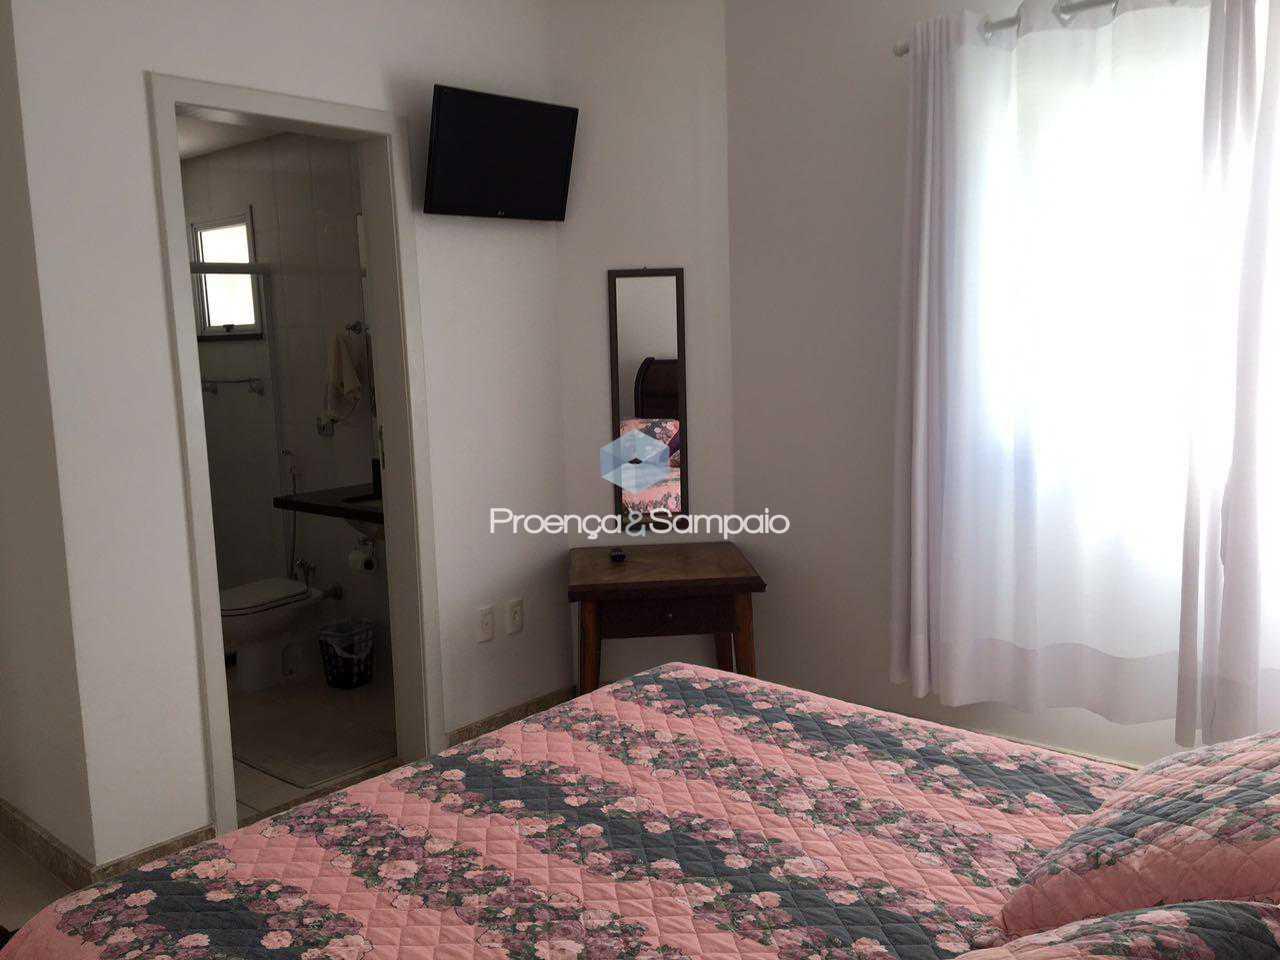 FOTO28 - Casa em Condomínio 4 quartos para alugar Camaçari,BA - R$ 7.500 - PSCN40076 - 30